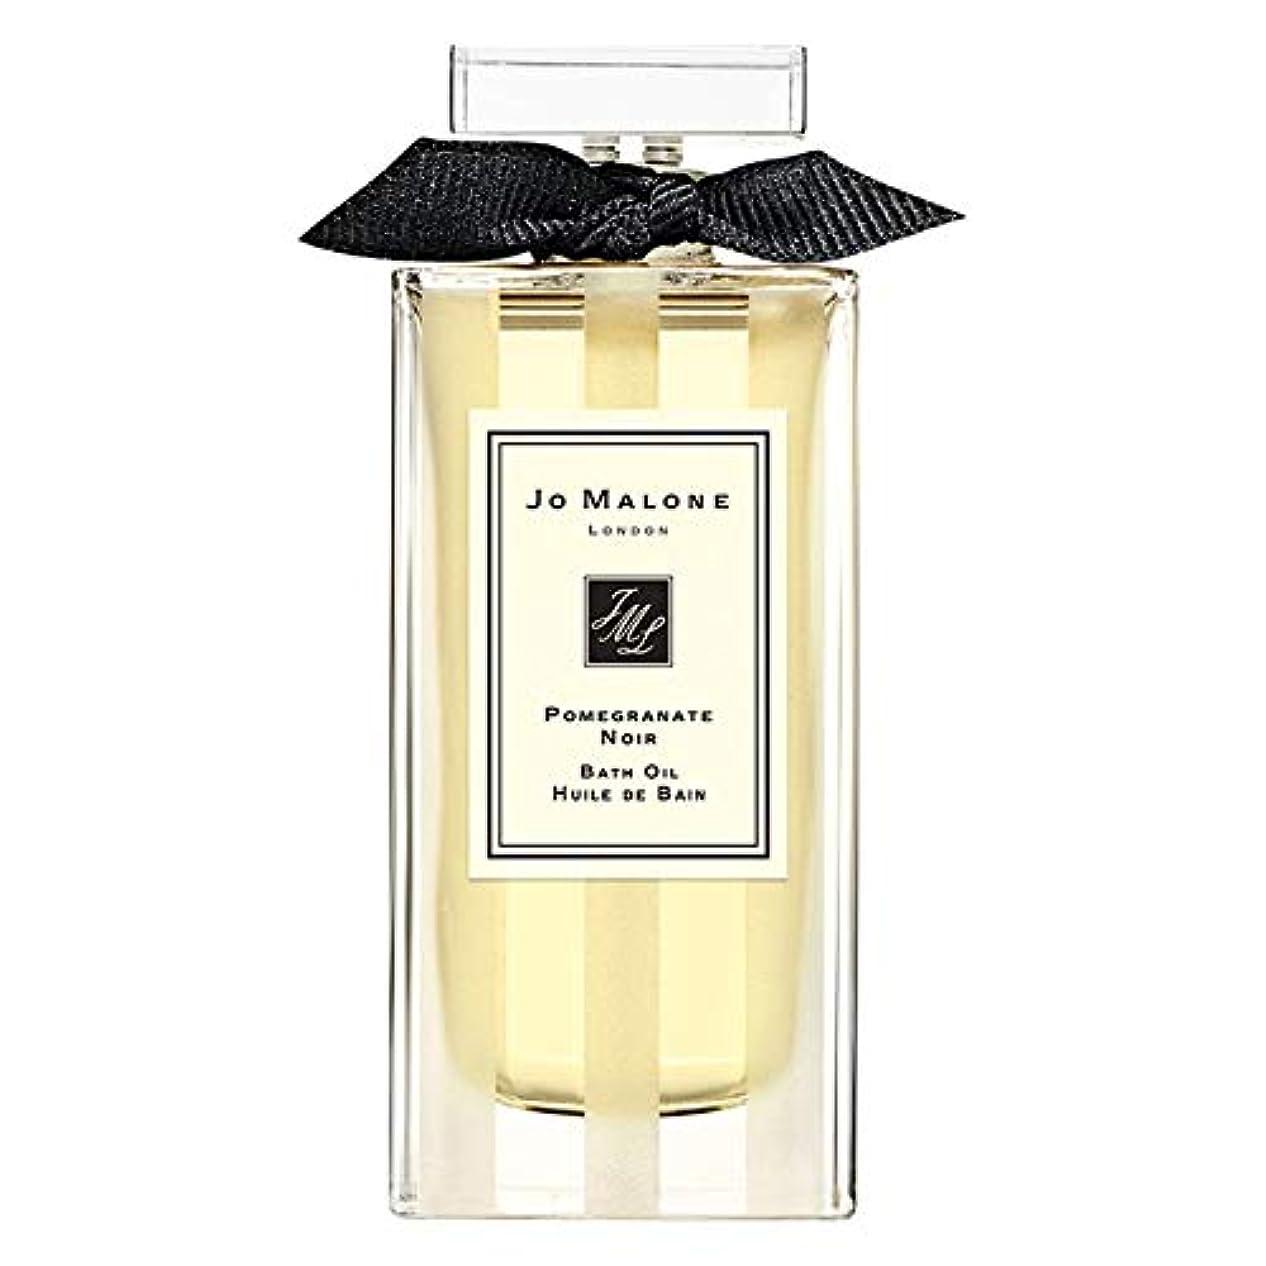 クリケット聴覚障害者コジオスコ[Jo Malone] ジョーマローンロンドンバスザクロノワールバスオイル30ミリリットル - Jo Malone London Bath Pomegranate Noir Bath Oil 30ml [並行輸入品]